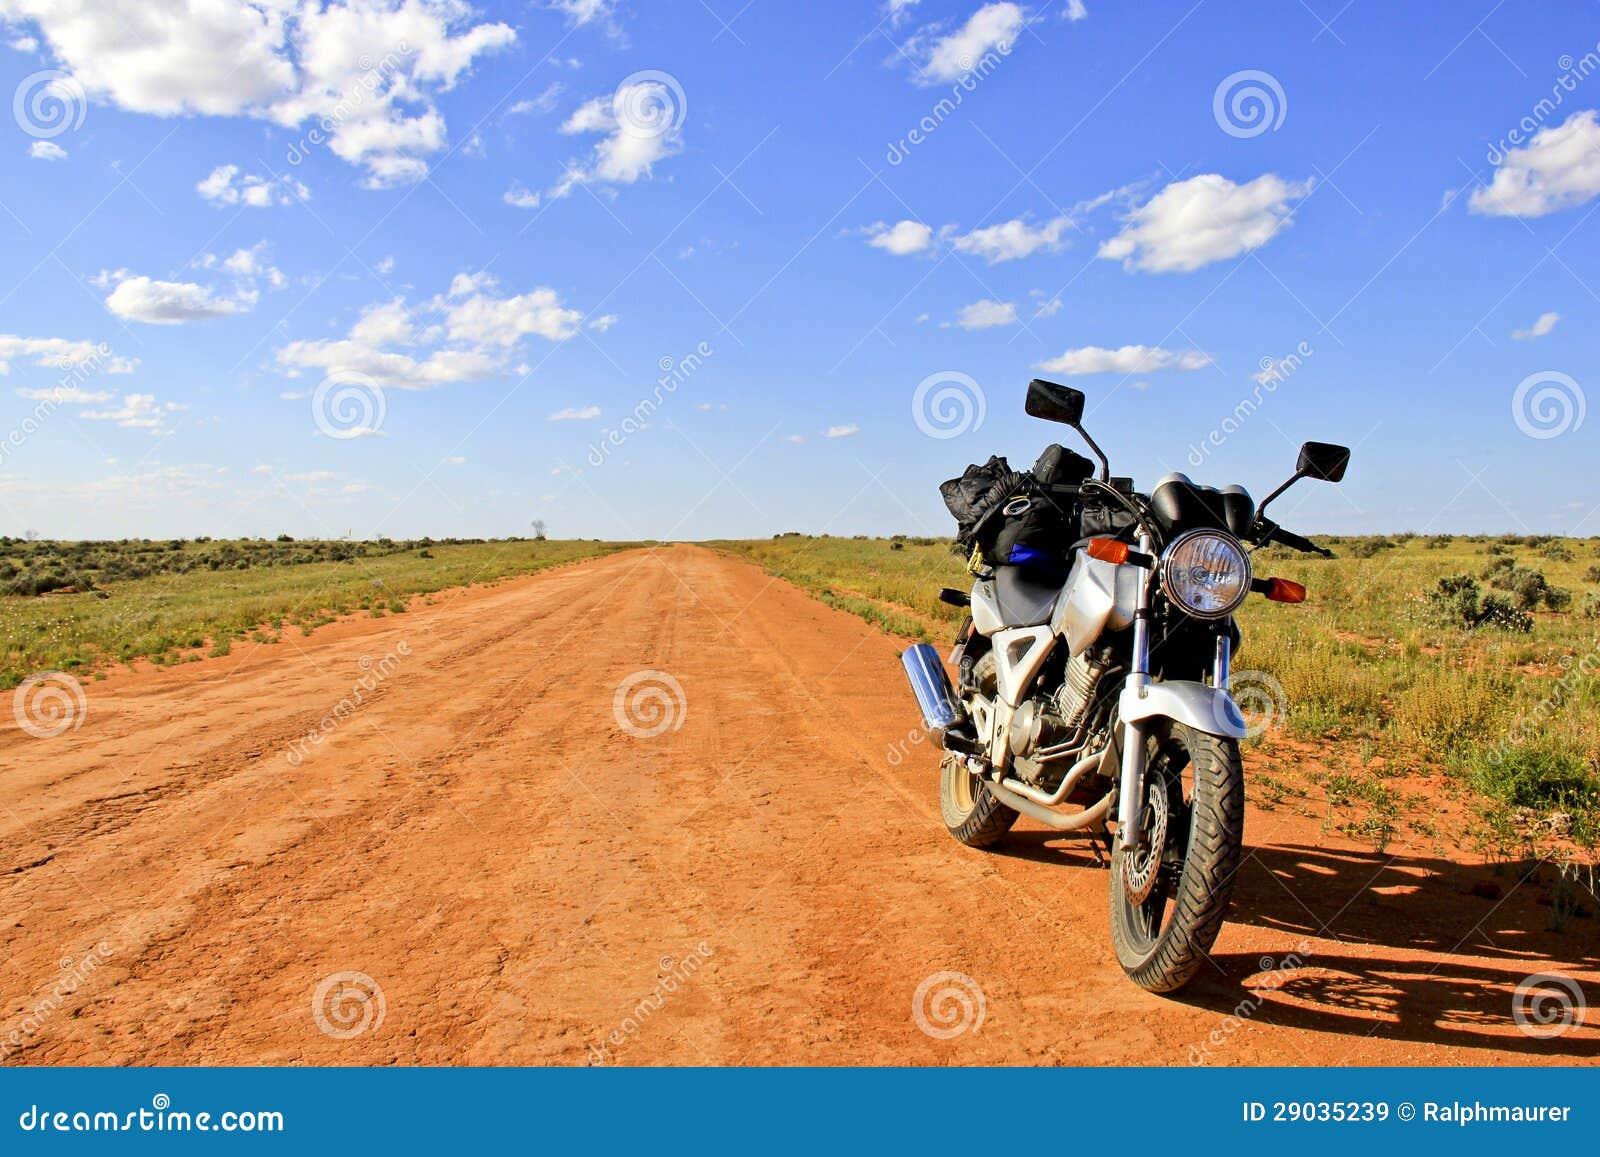 https://thumbs.dreamstime.com/z/moto-sur-un-chemin-de-terre-vide-%C3%A0-l-int%C3%A9rieur-australie-29035239.jpg